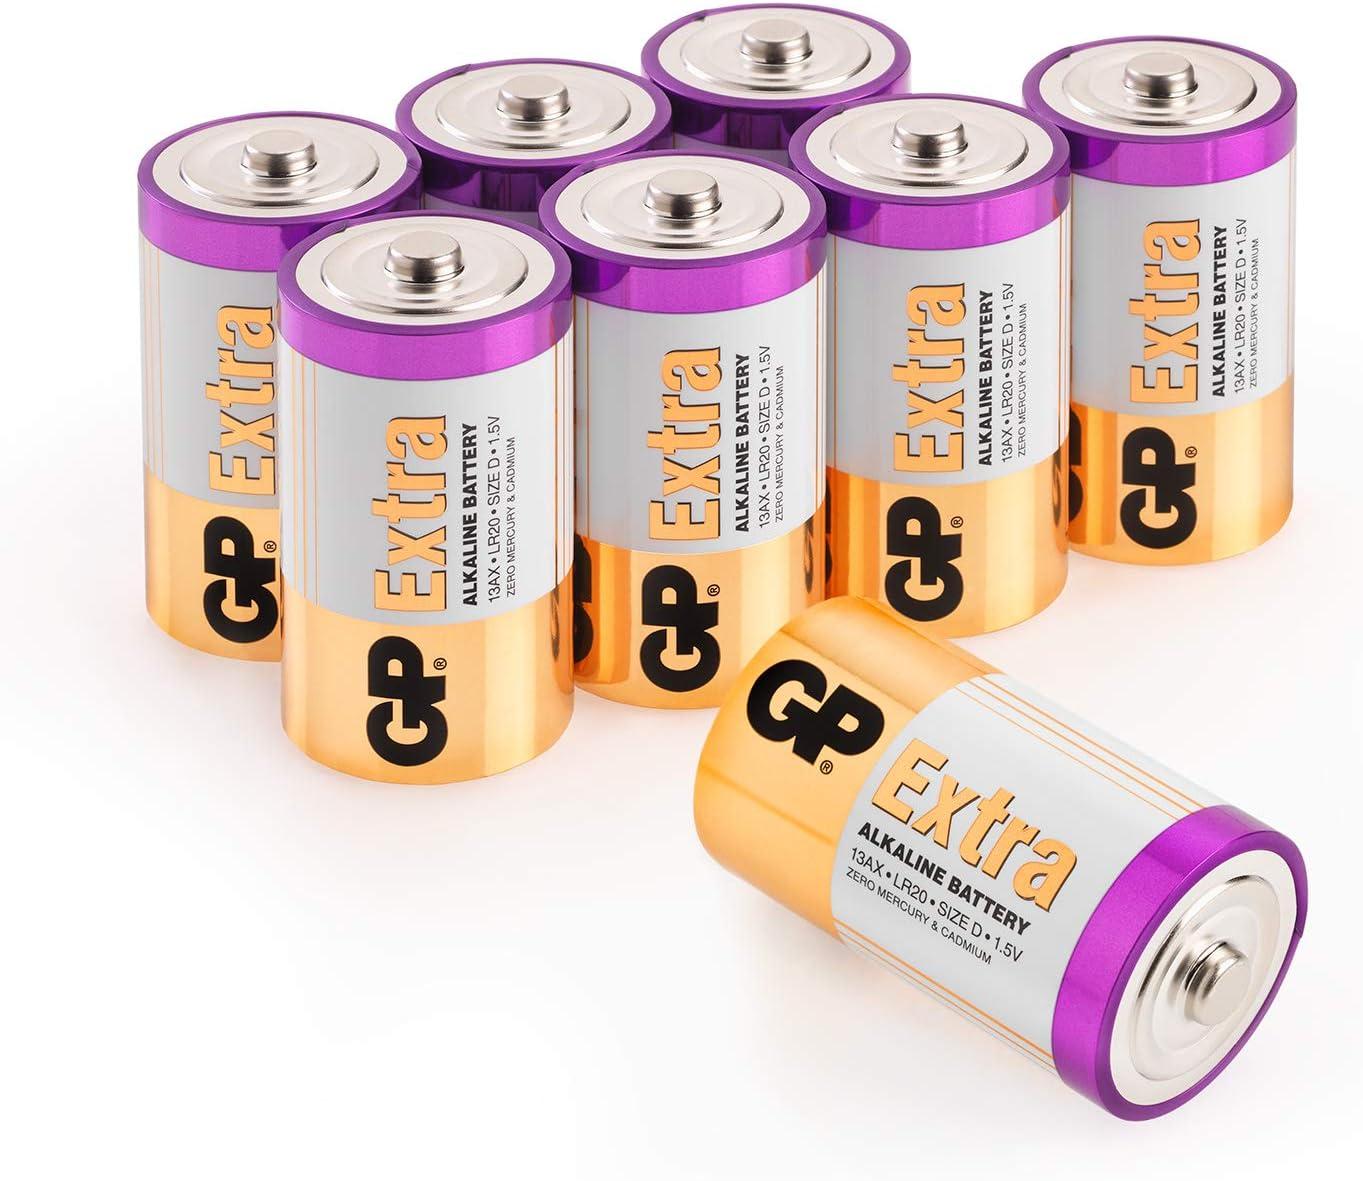 Gp Extra Alkaline Batterien D Typ Mono Lr20 Spannung 1 5 Volt